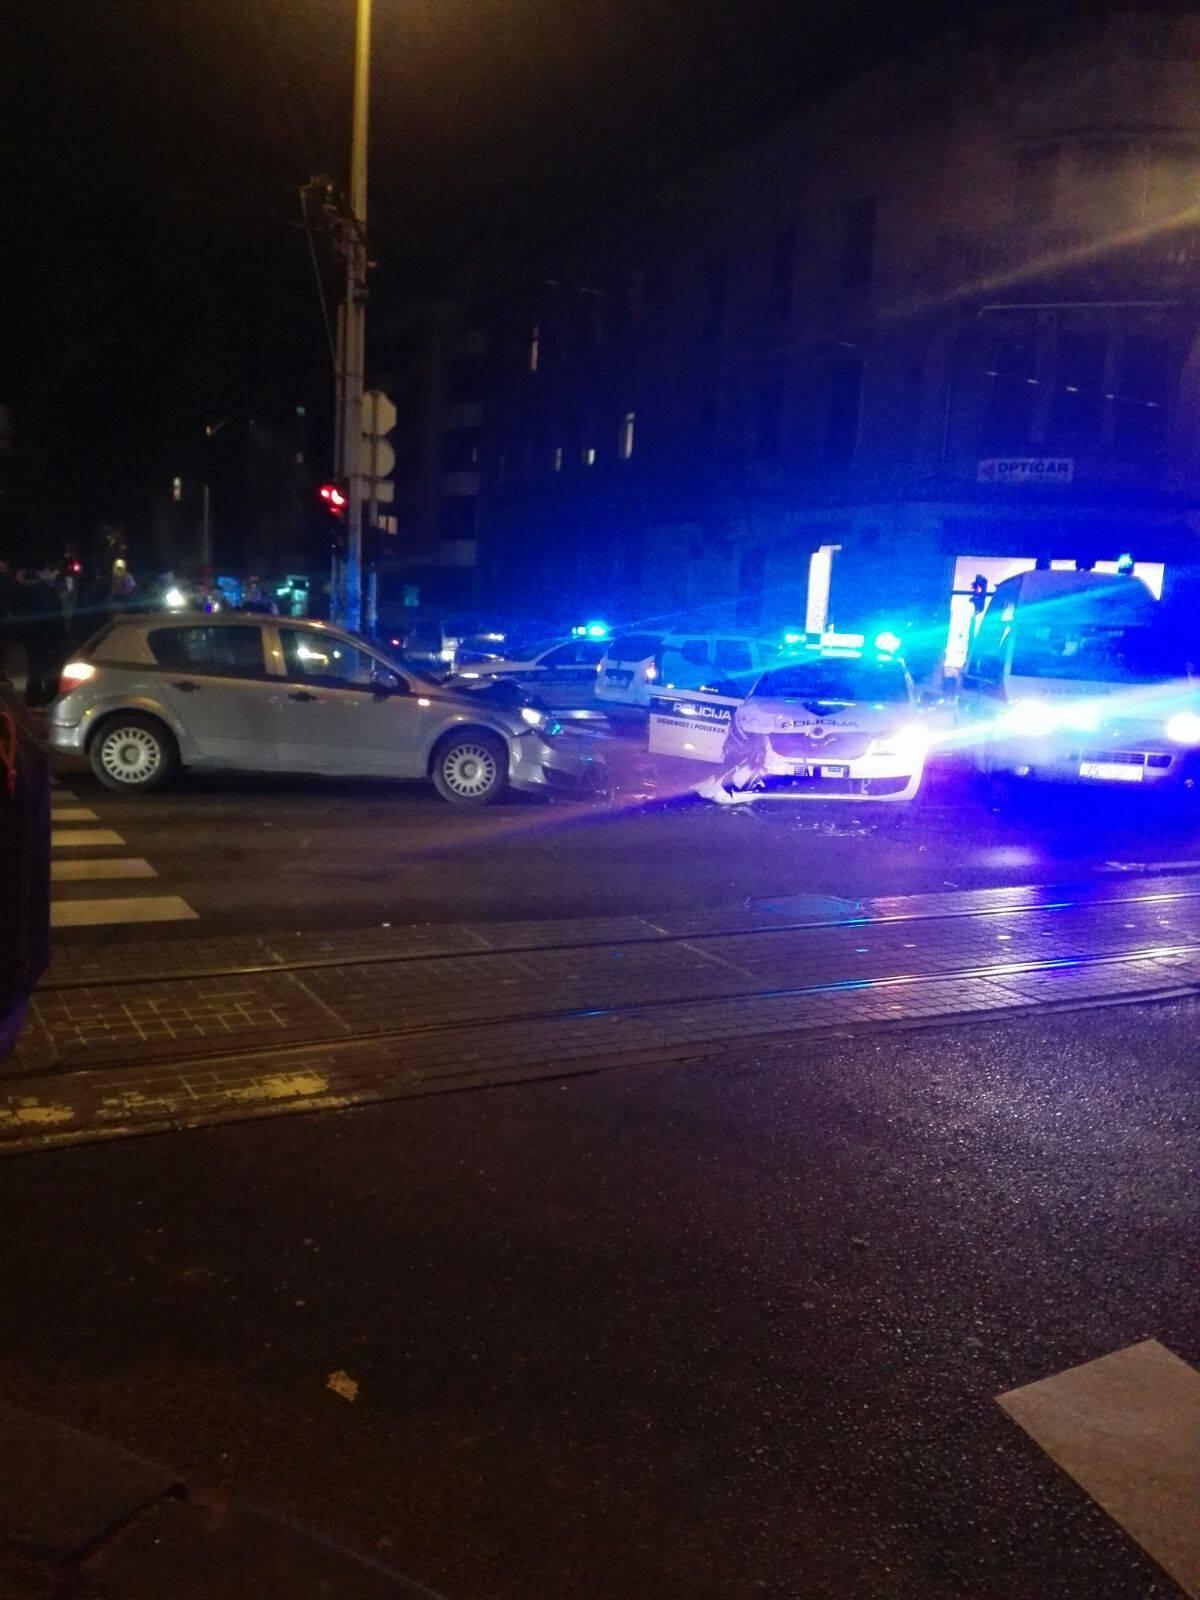 Nesreće u Zagrebu: U jednom sudaru smrskan policijski auto